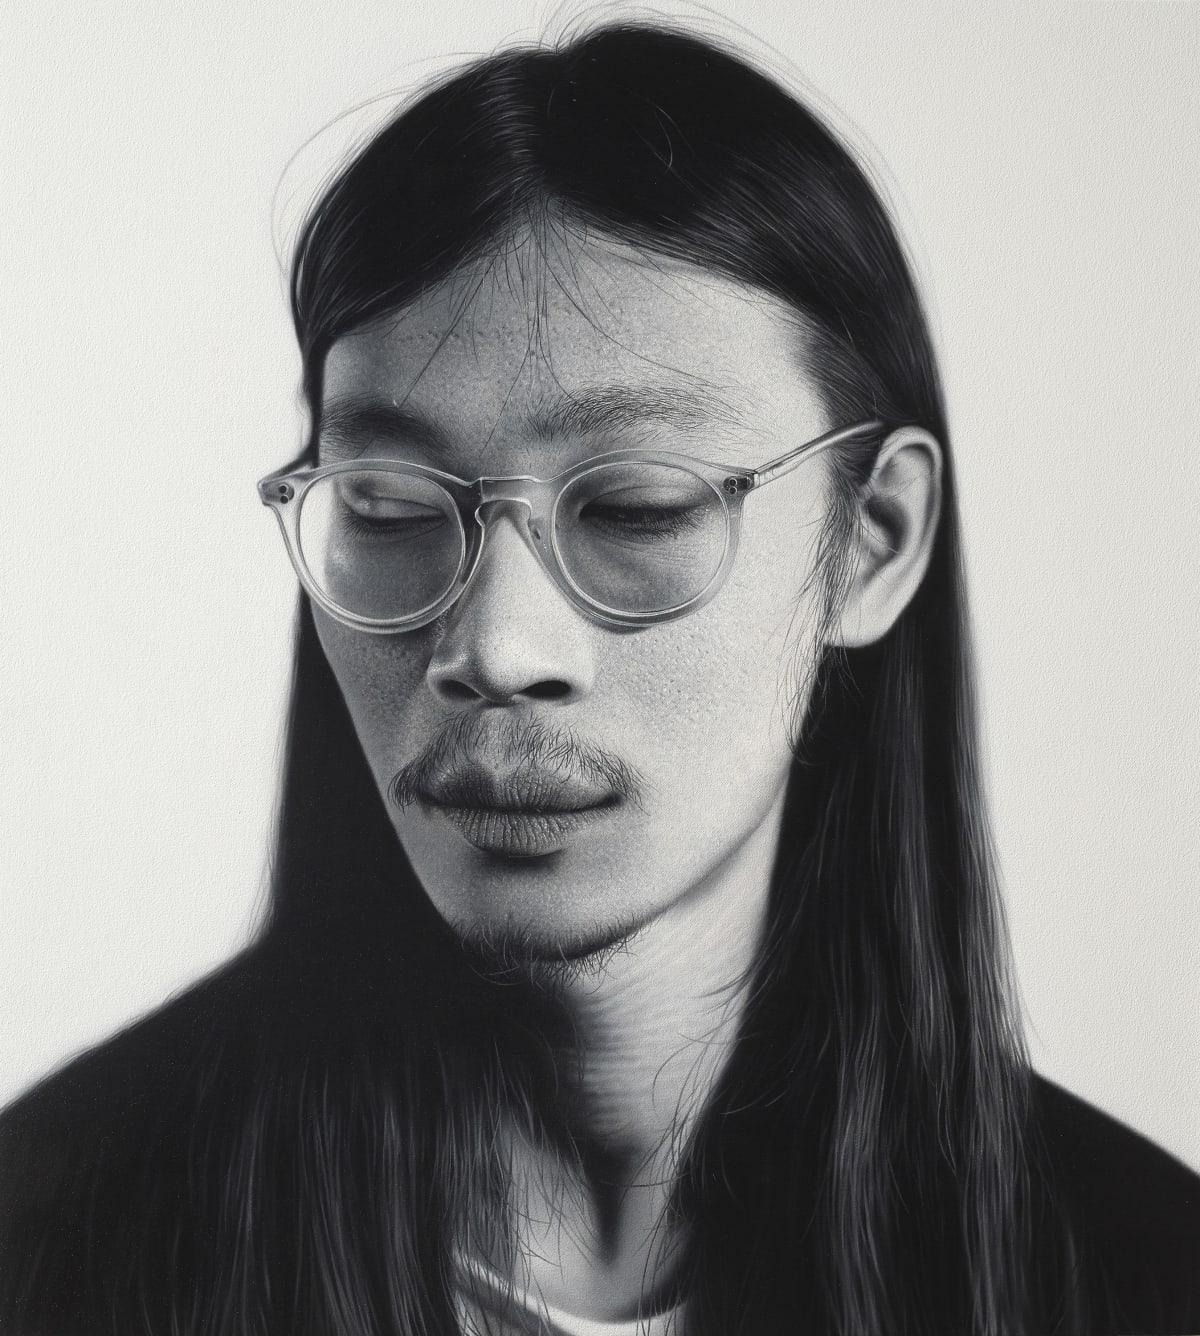 Charles Bierk, Richard, 2020